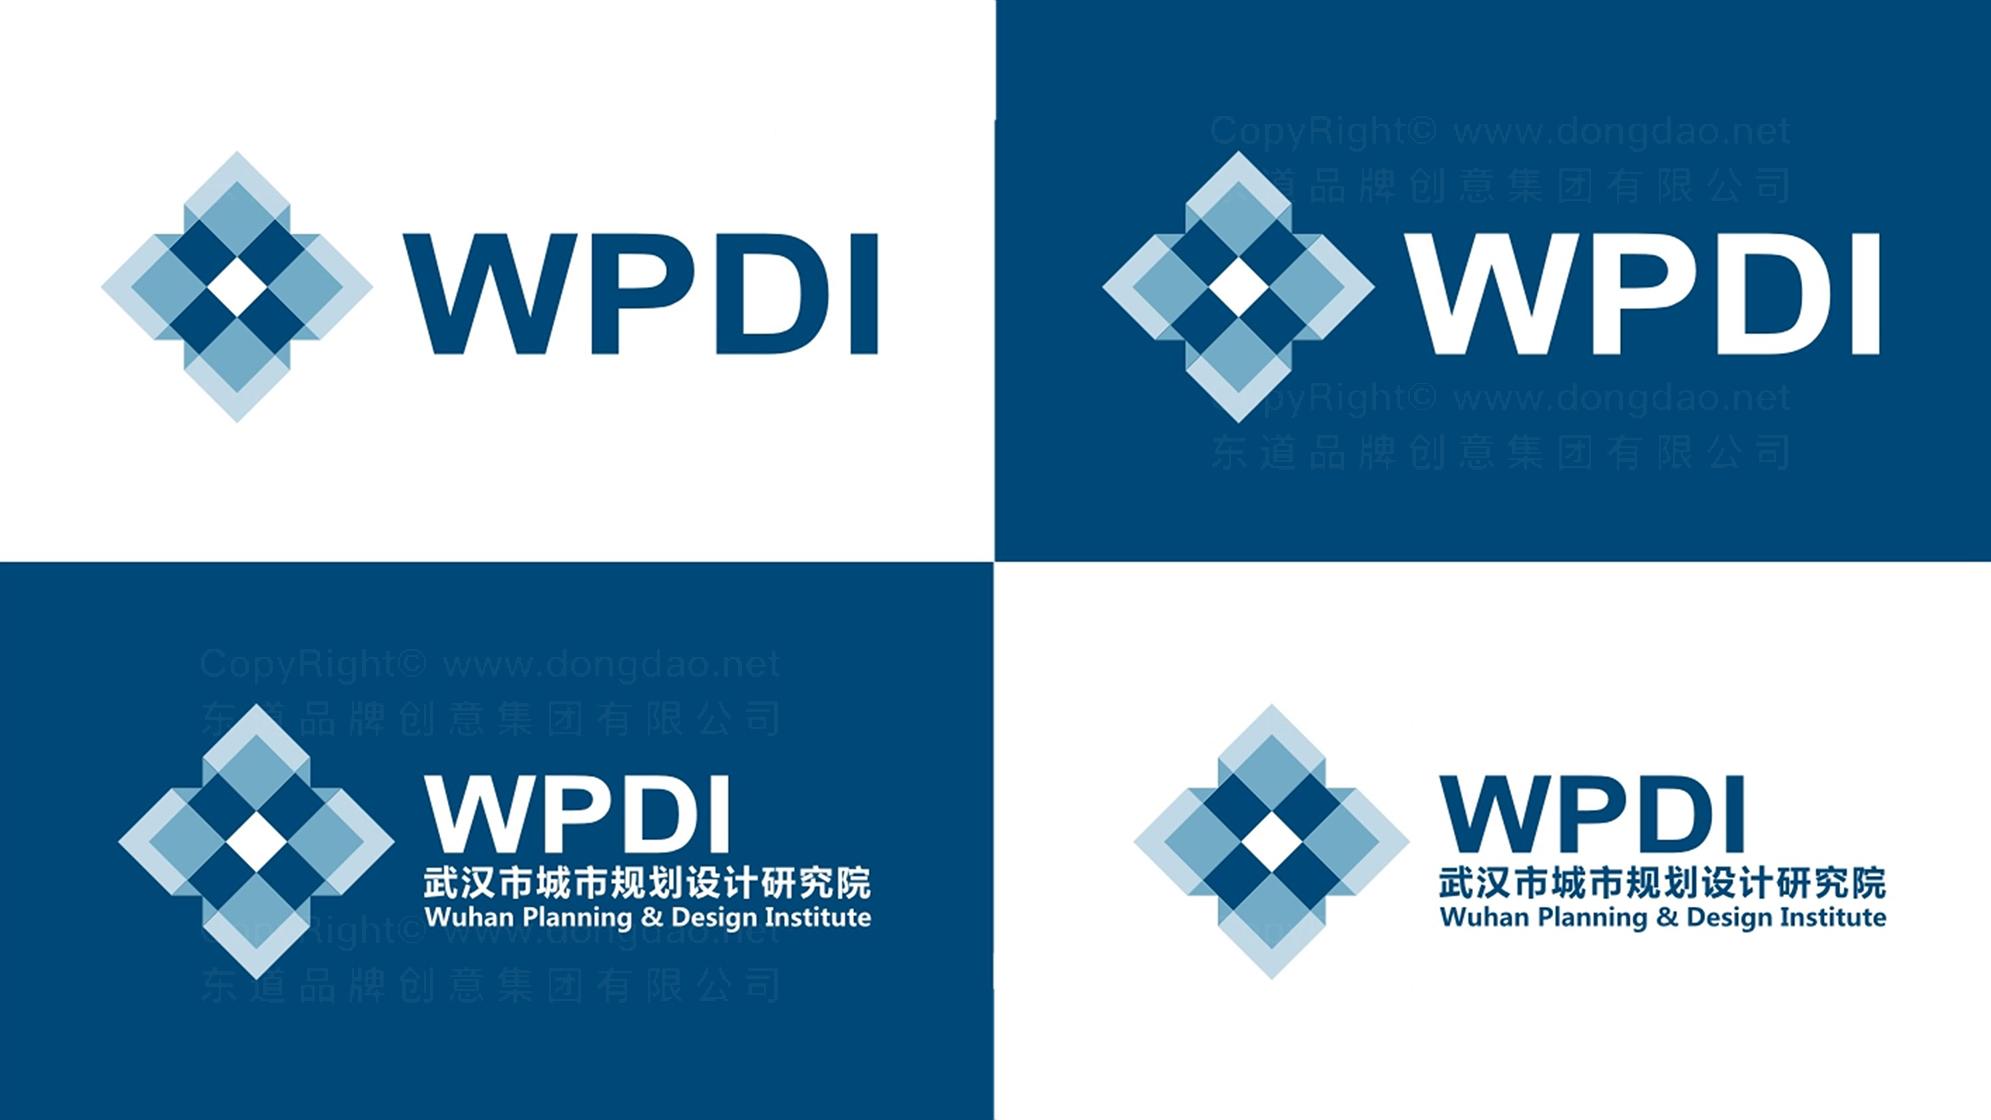 品牌设计武汉城市规划研究院LOGO&VI设计应用